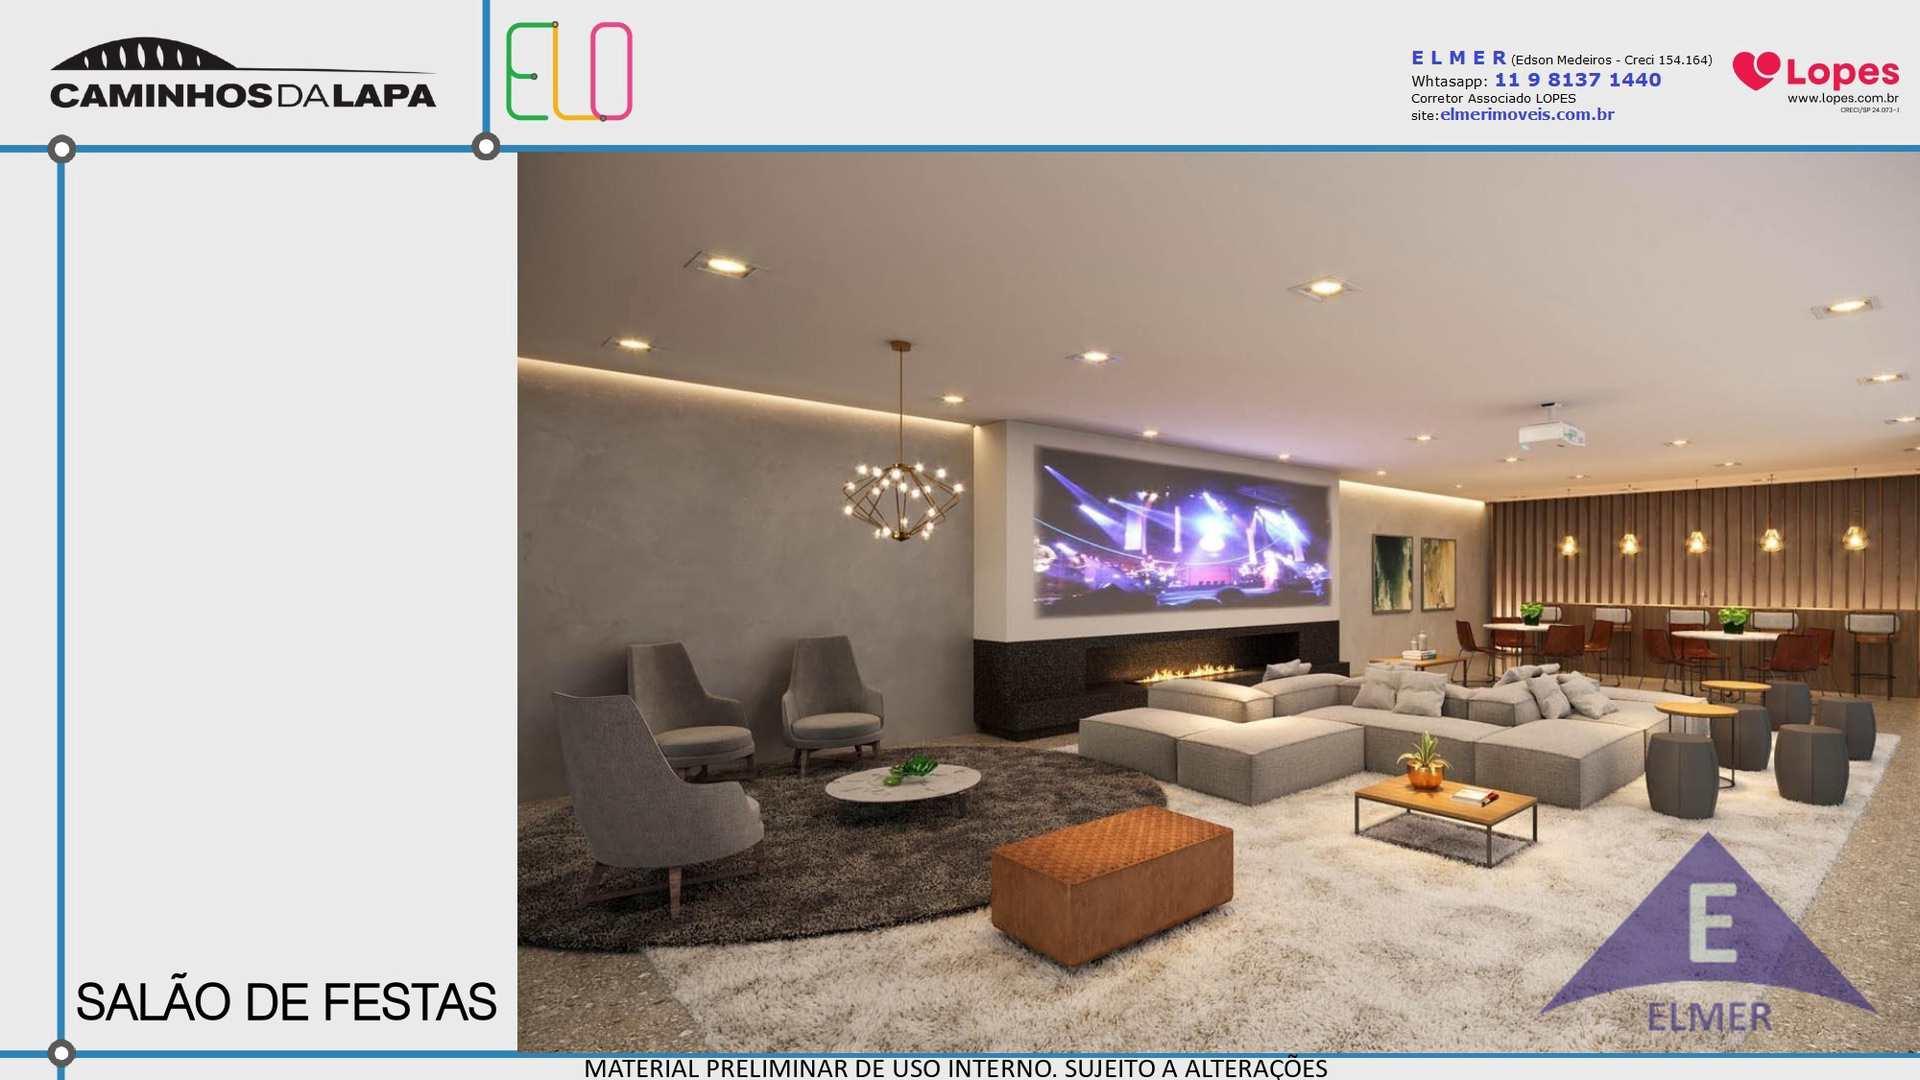 ELO CAMINHOS DA  LAPA - APTO 55 m² - 2 DORM - 1 VAGA, Cod: 313